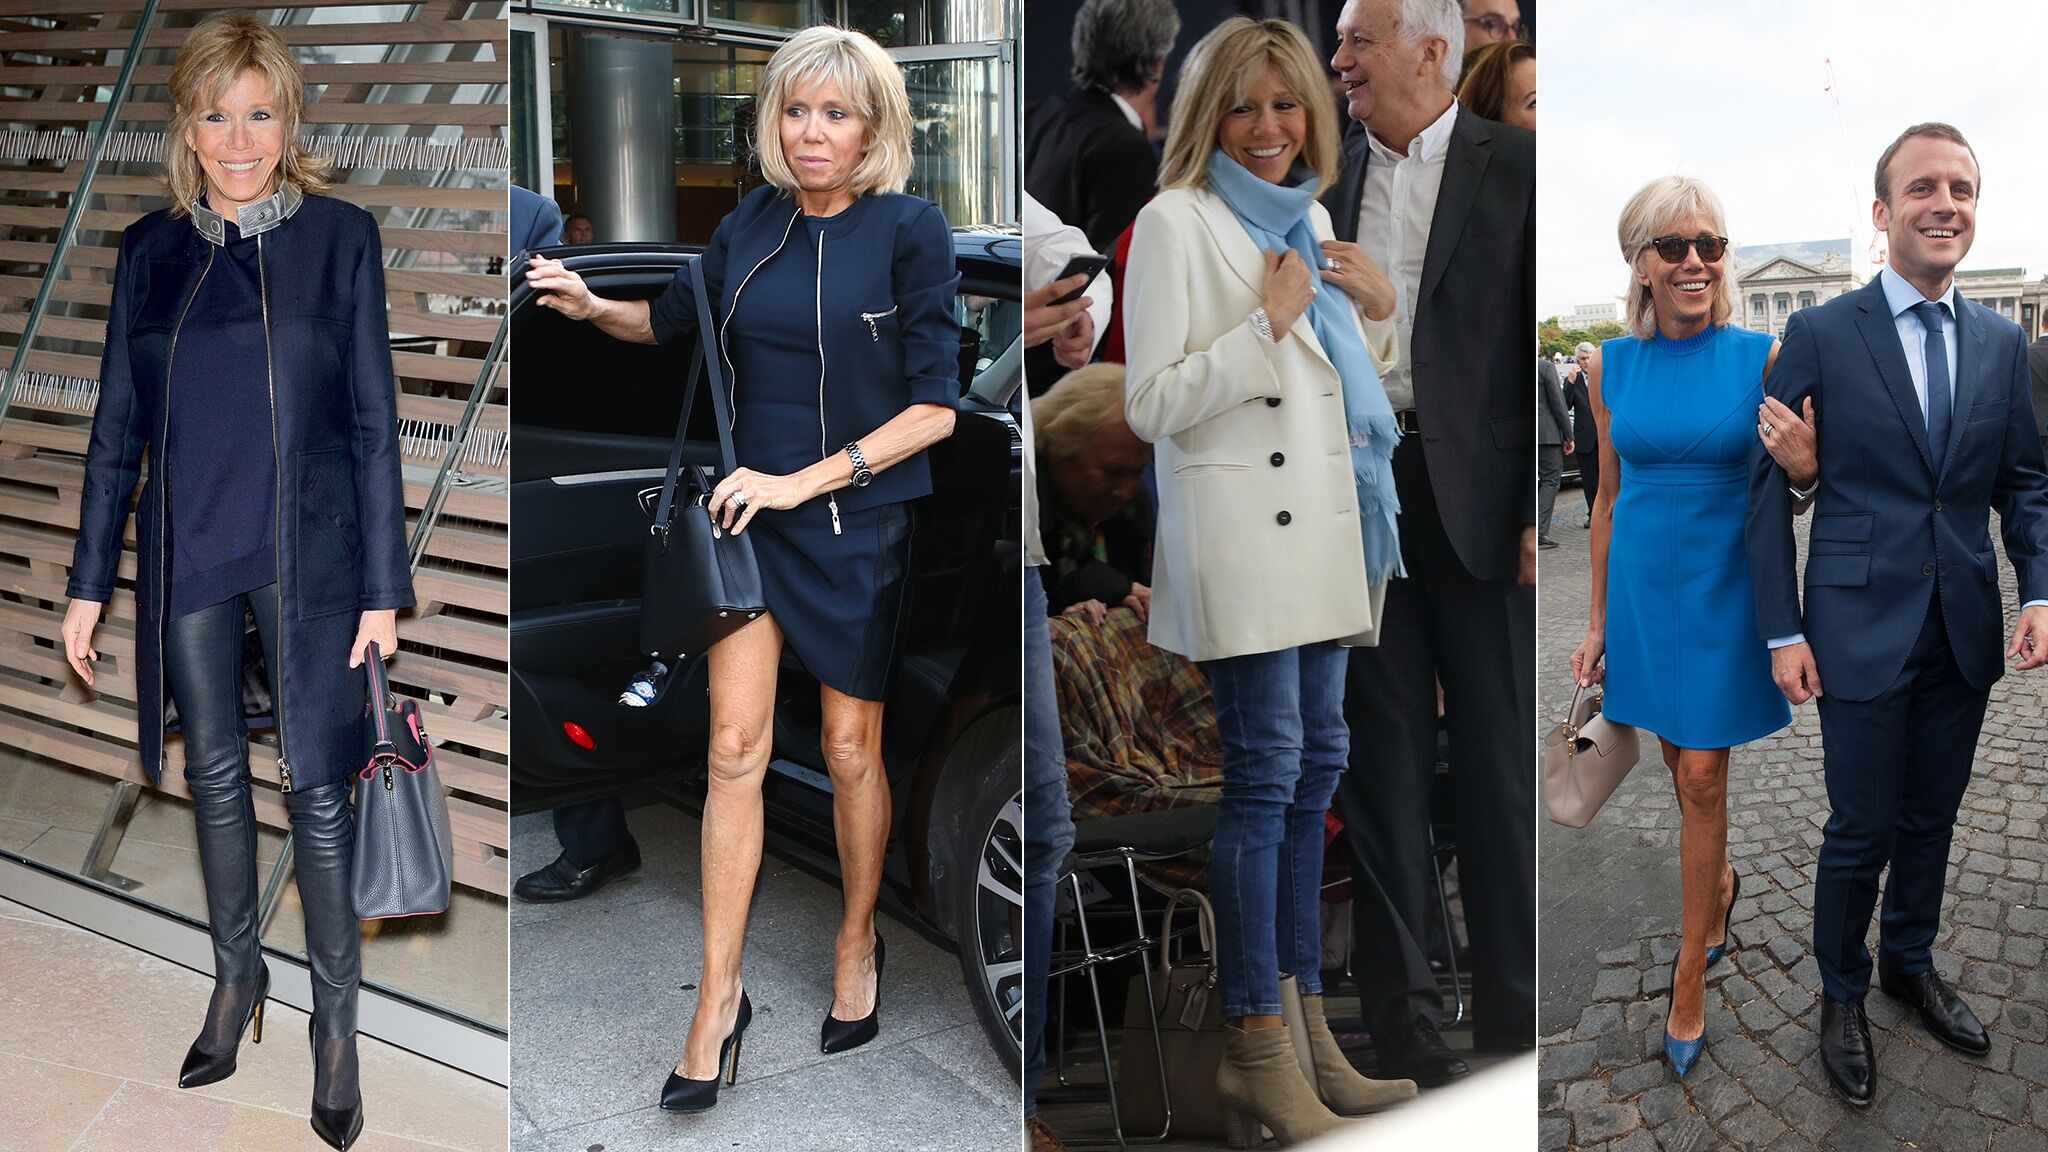 22e64142acf7 PHOTOS Brigitte Macron   a-t-elle changé de style depuis qu elle est première  dame   - Voici